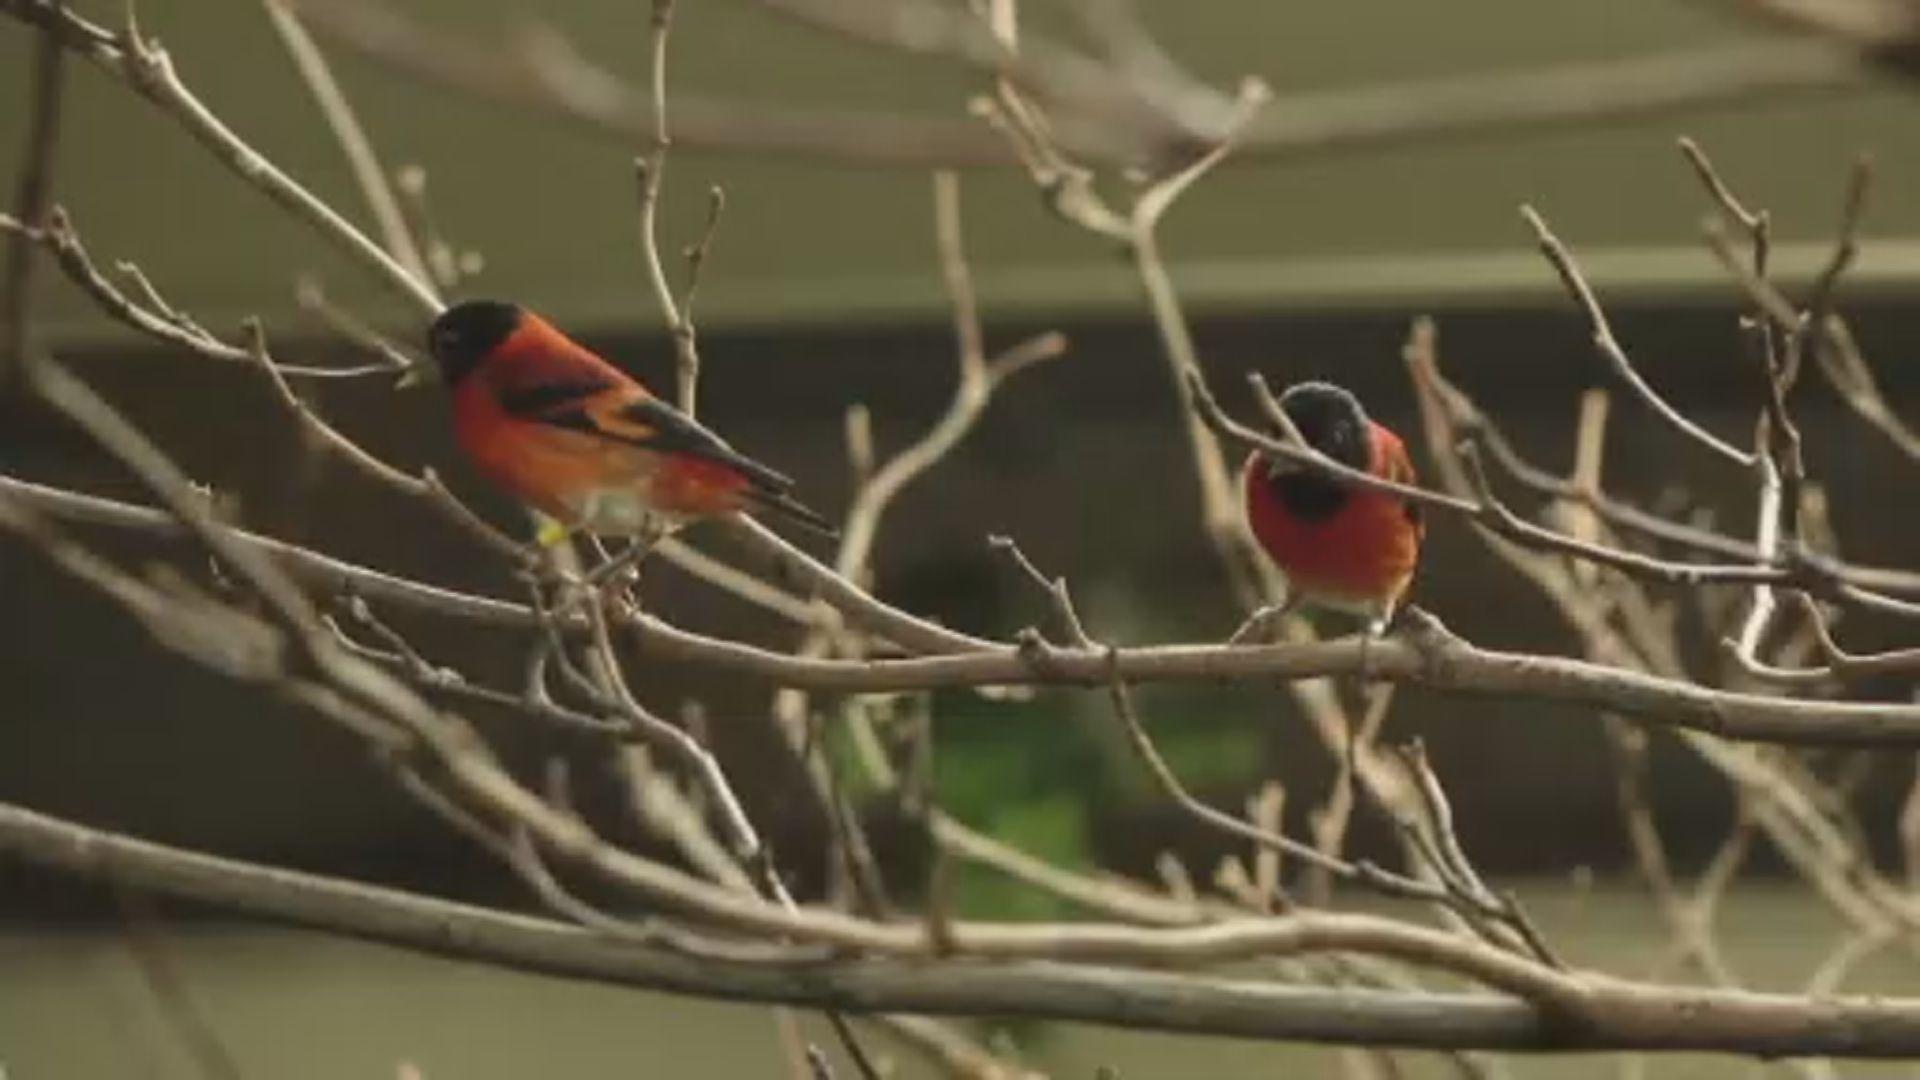 【環球薈報】科學家鼓勵咖啡農助保育瀕危雀鳥